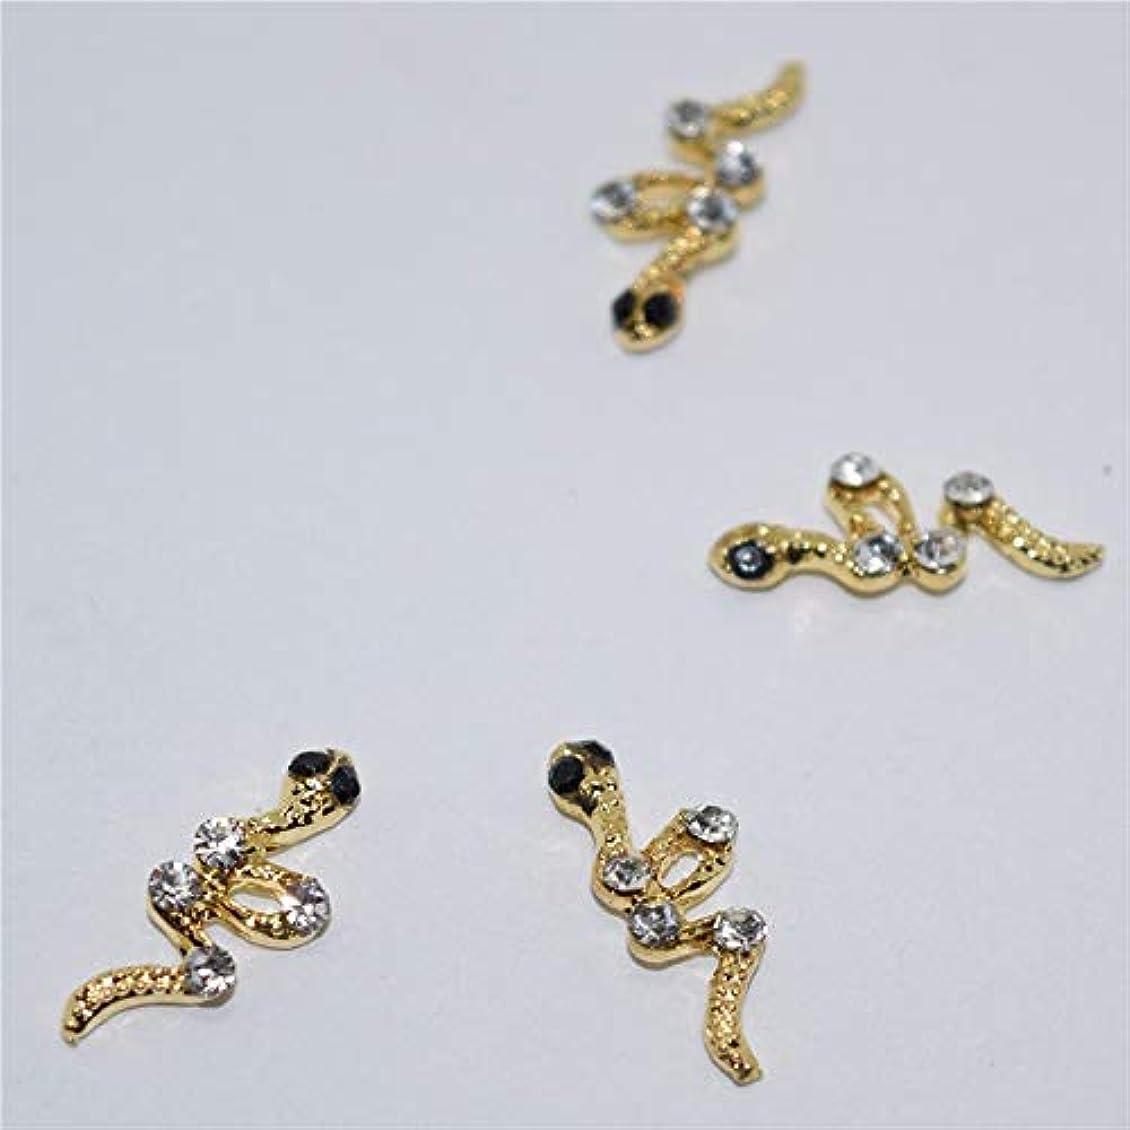 外向き区画間違えた10個入りゴールデンスネーク動物の3Dネイルアートの装飾合金ネイルチャームネイルズラインストーンネイル用品